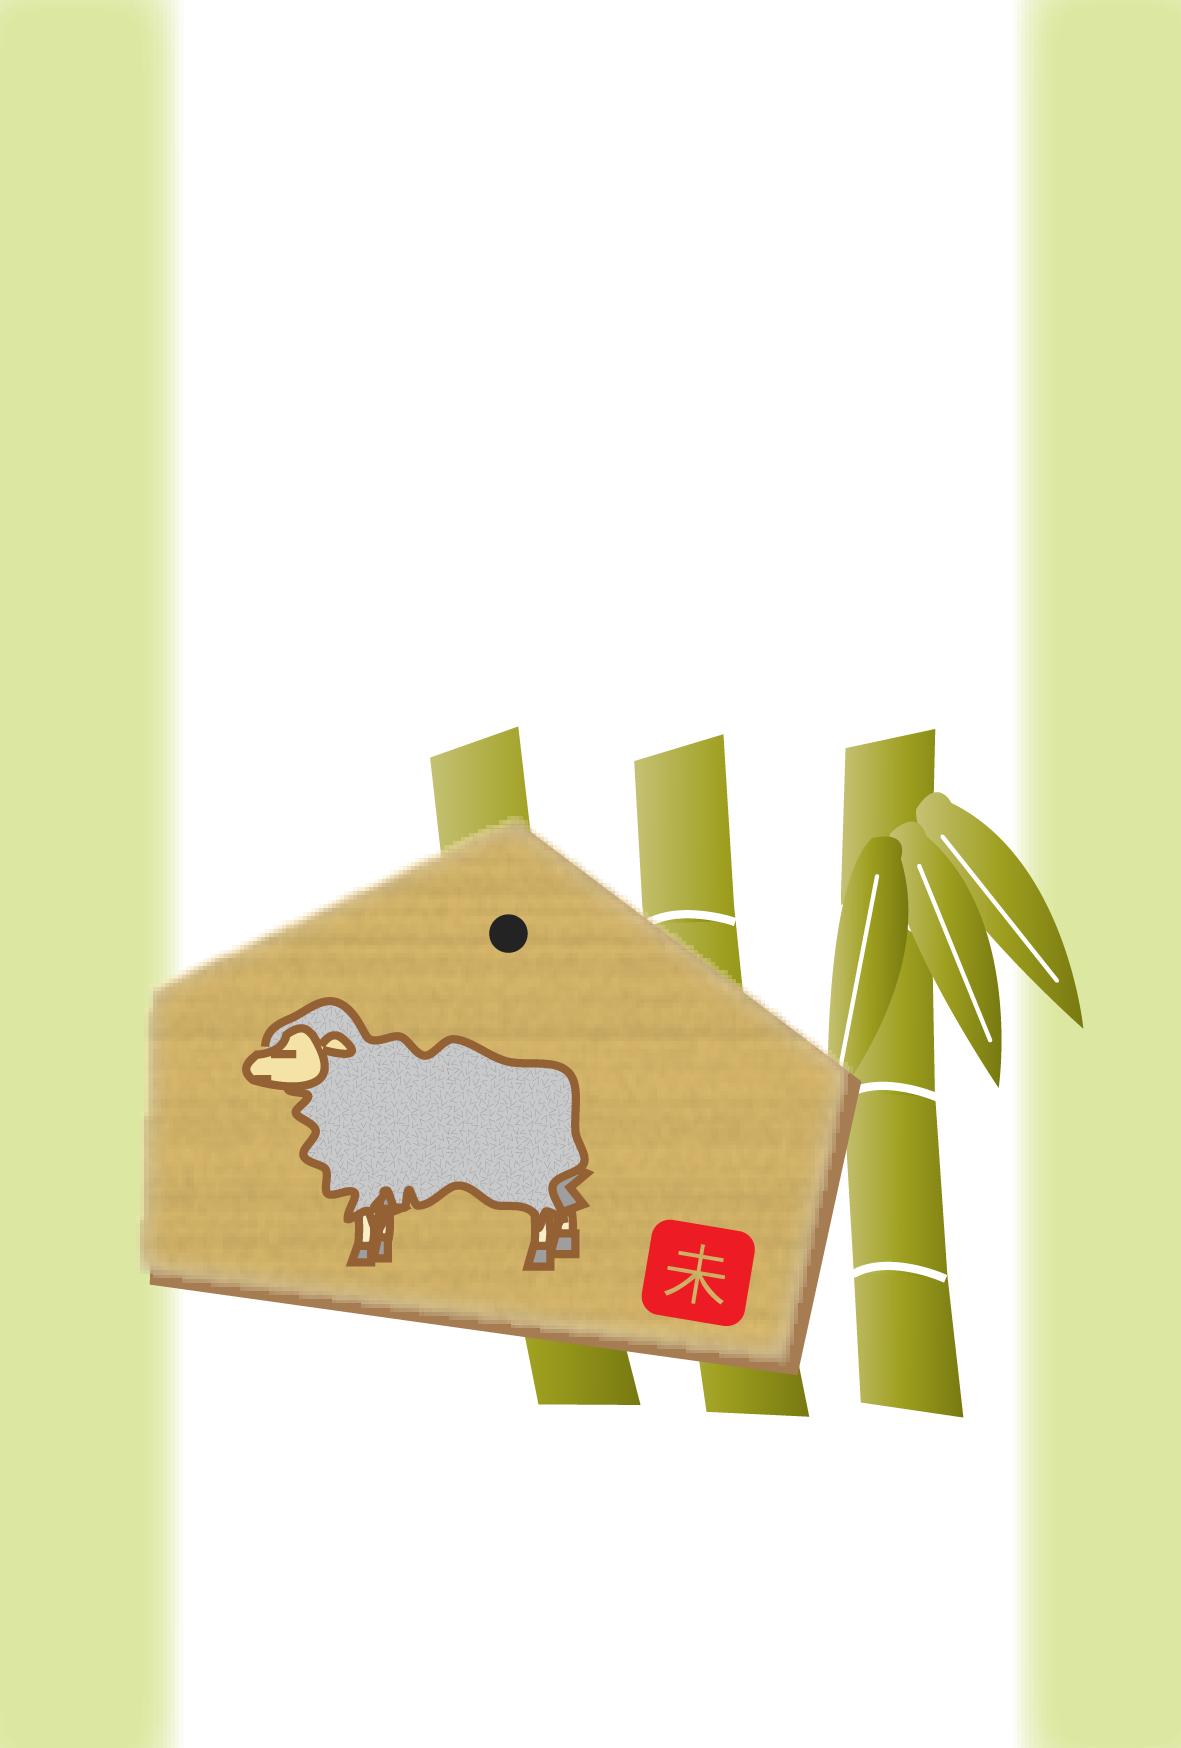 羊の絵馬と竹と「賀正」(文字なし)